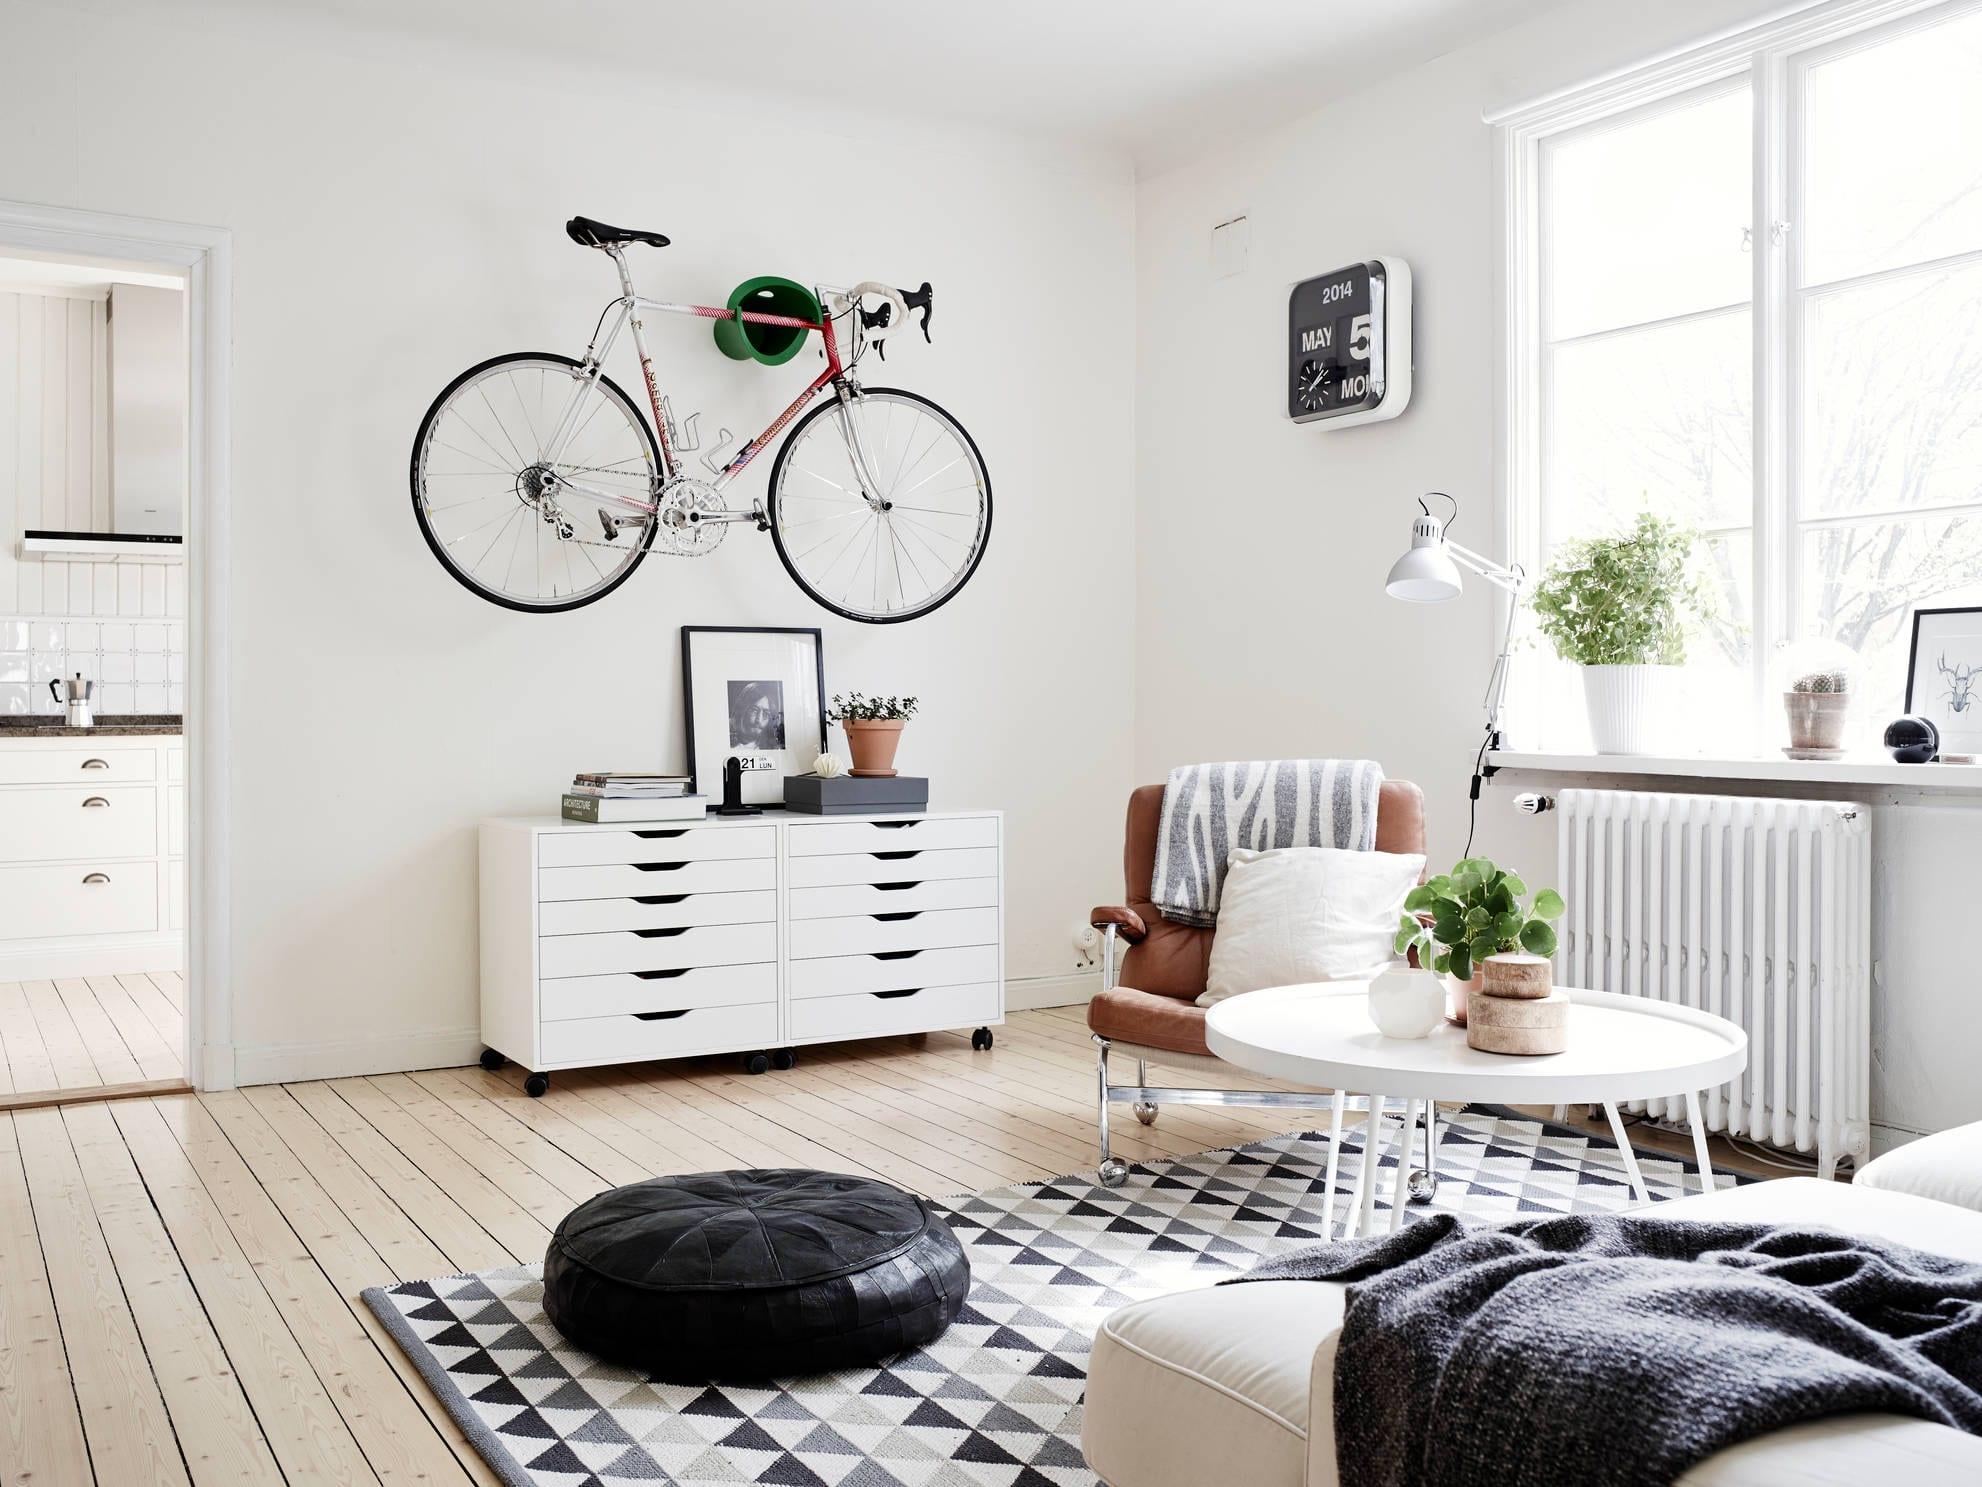 modernes wohnzimmer mit holzboden und teppich schwarz grau-ledersitzkissen-sideboard dekorieren